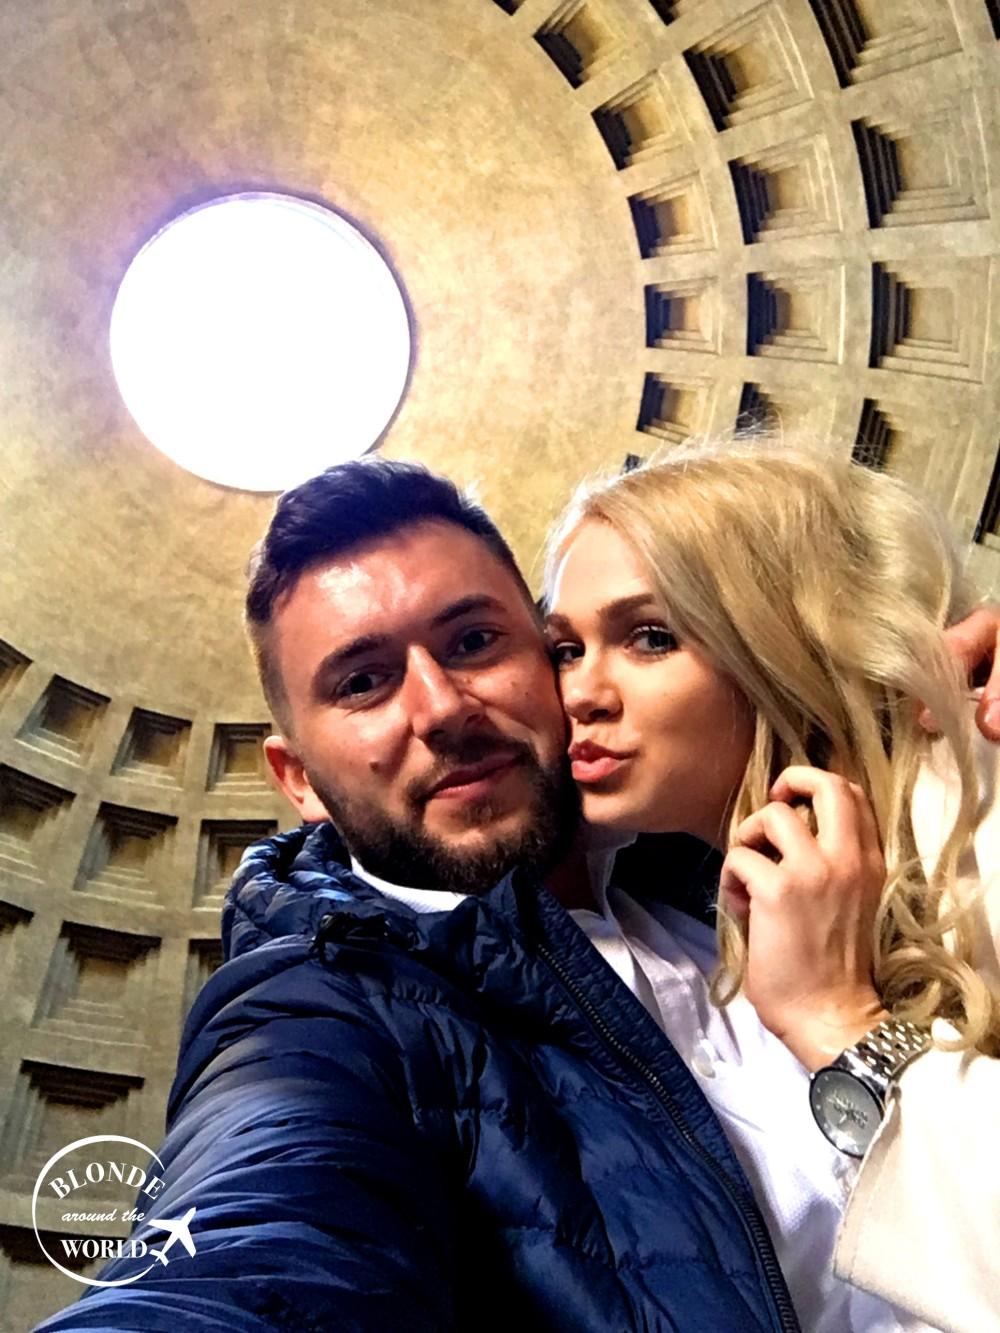 rome_pantheon.jpg